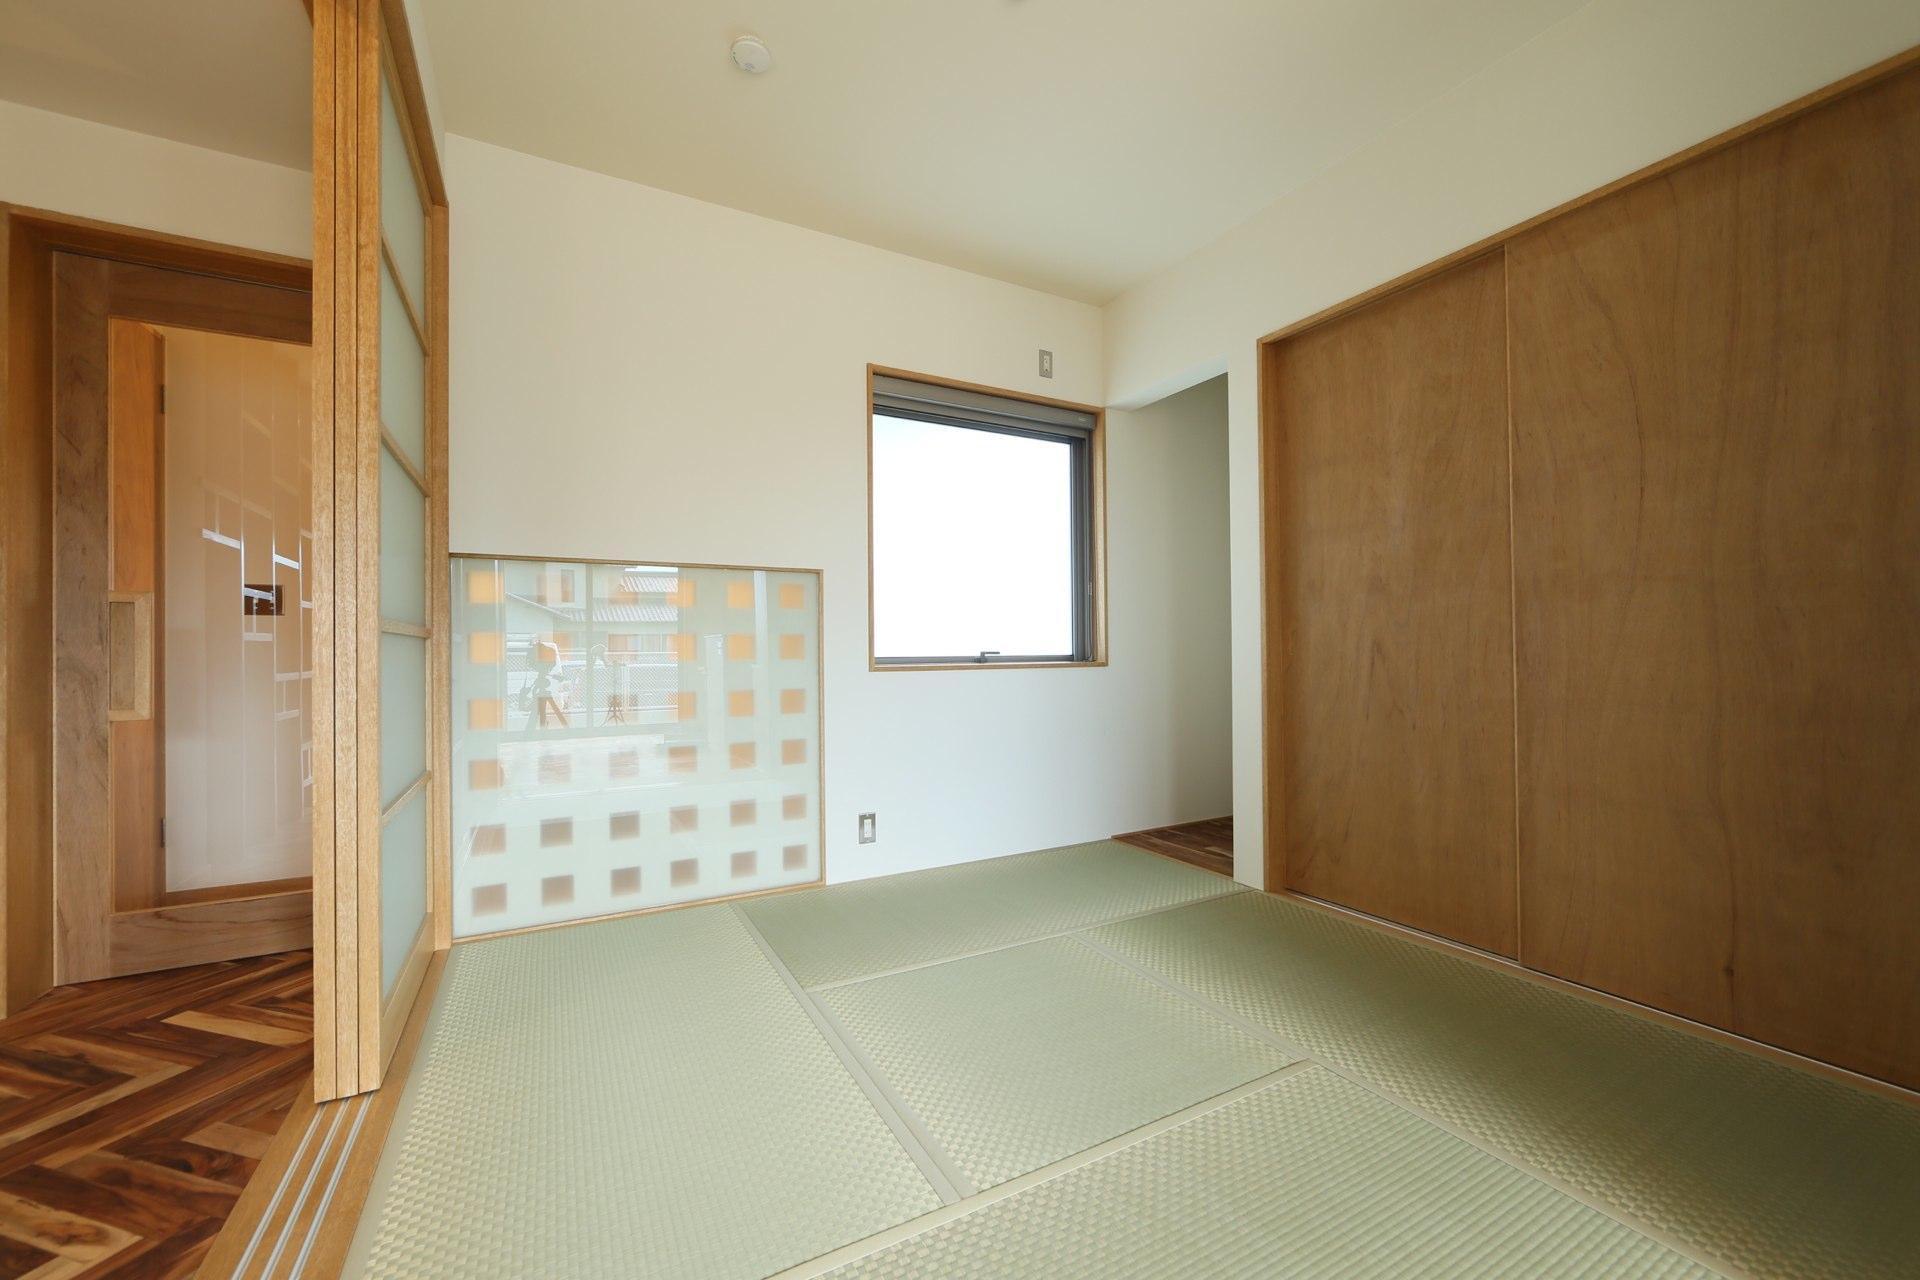 Y's residenceの写真 リビング内和室